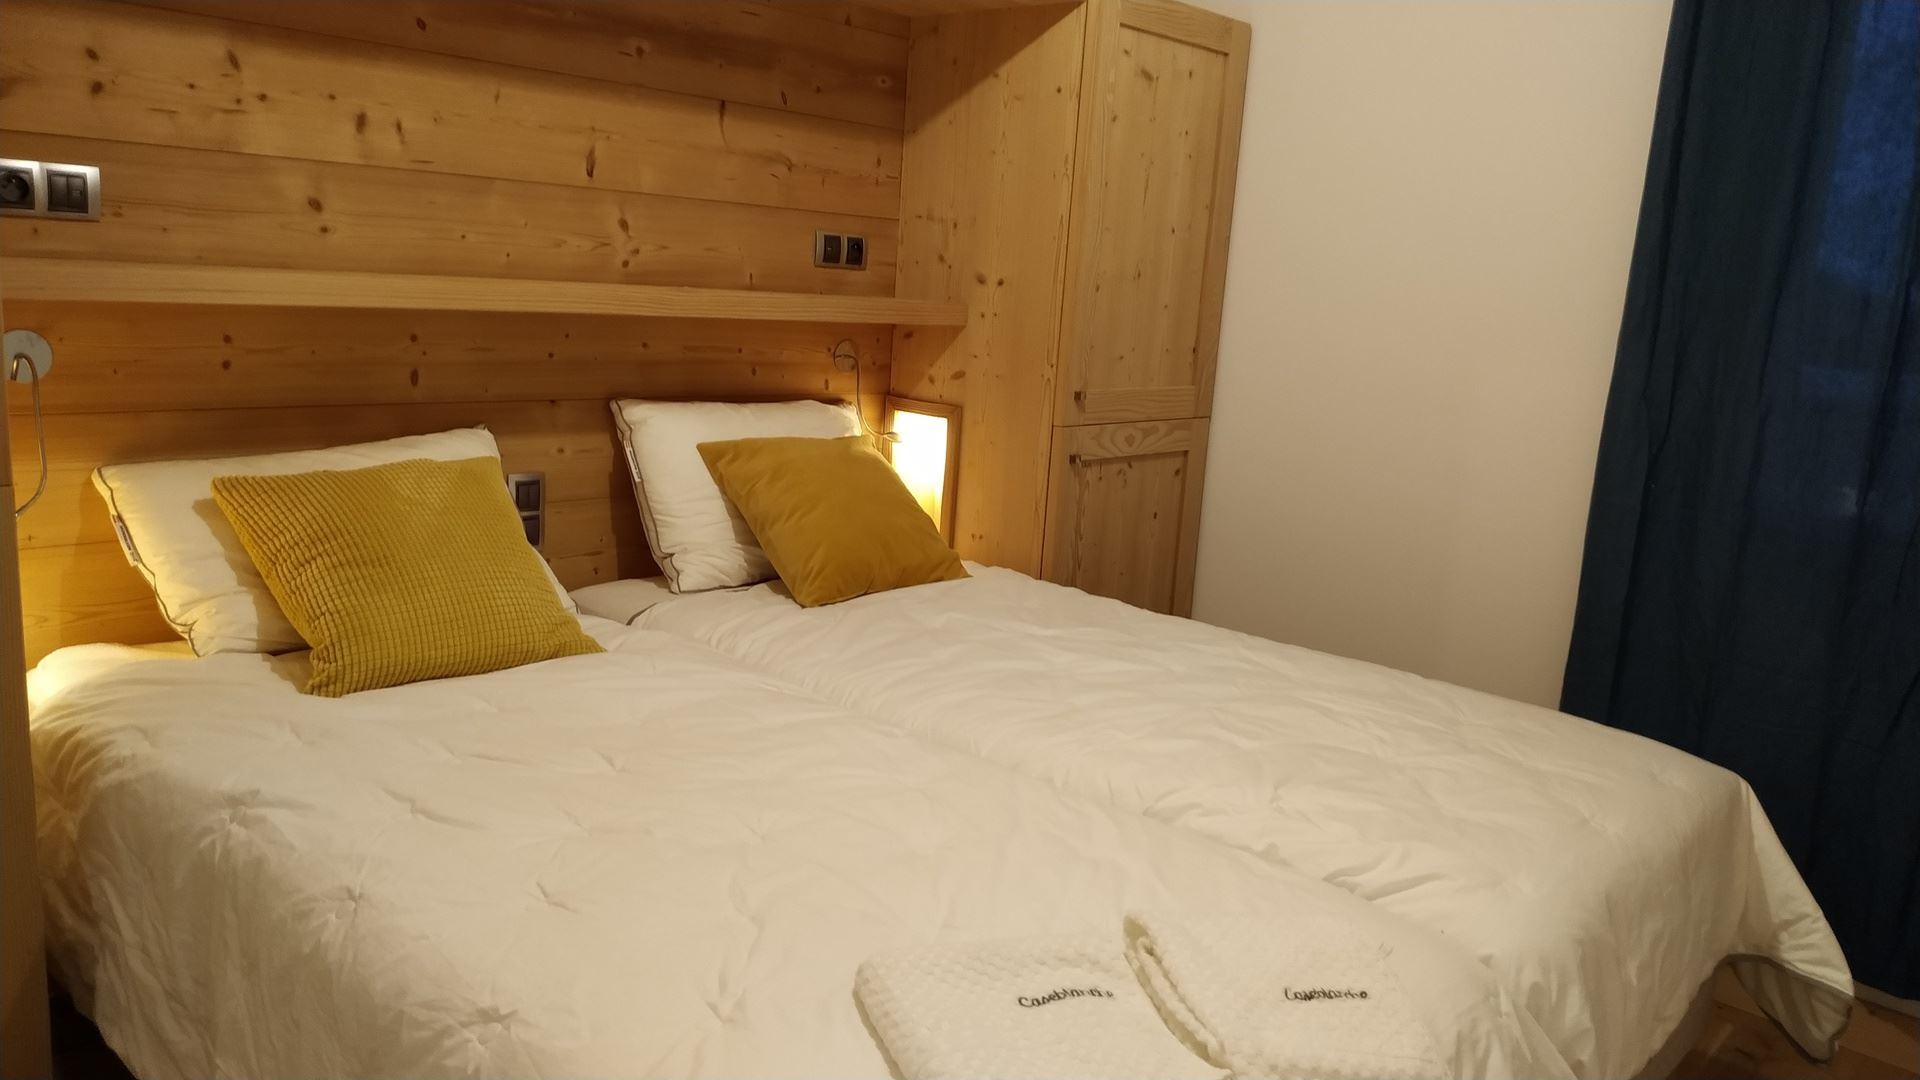 8 Room 16 Pers ski-in ski-out / CASEBLANCHE I6